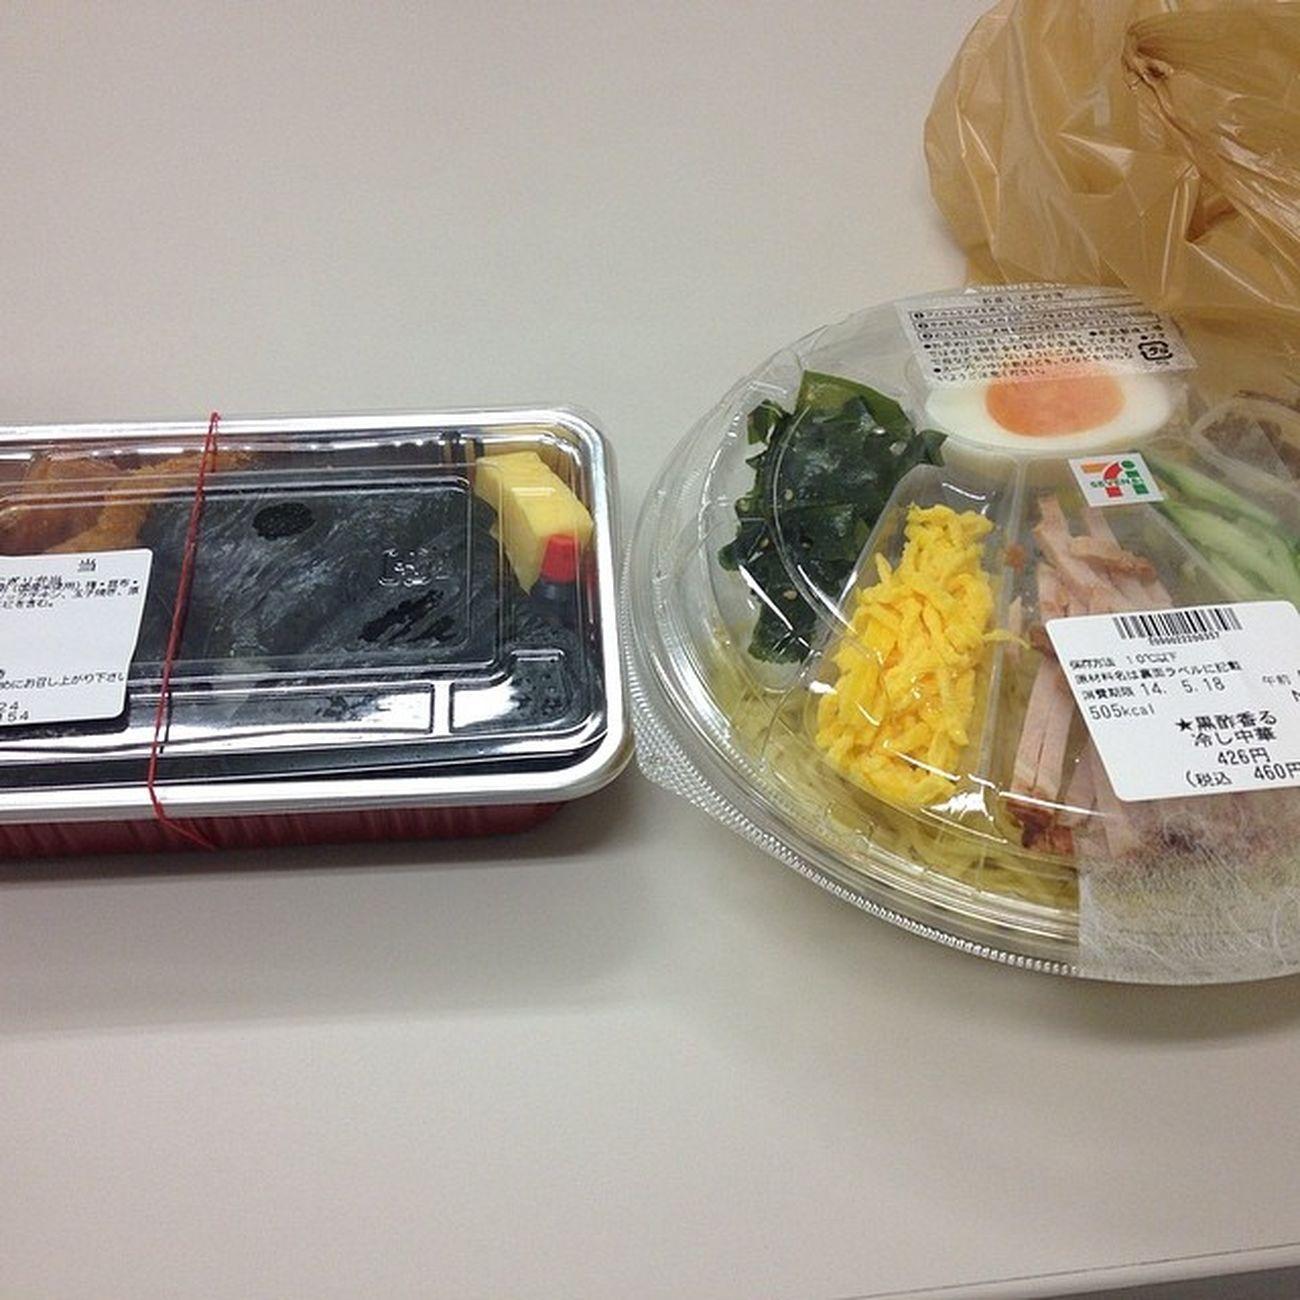 お昼にしましょう\(^o^)/